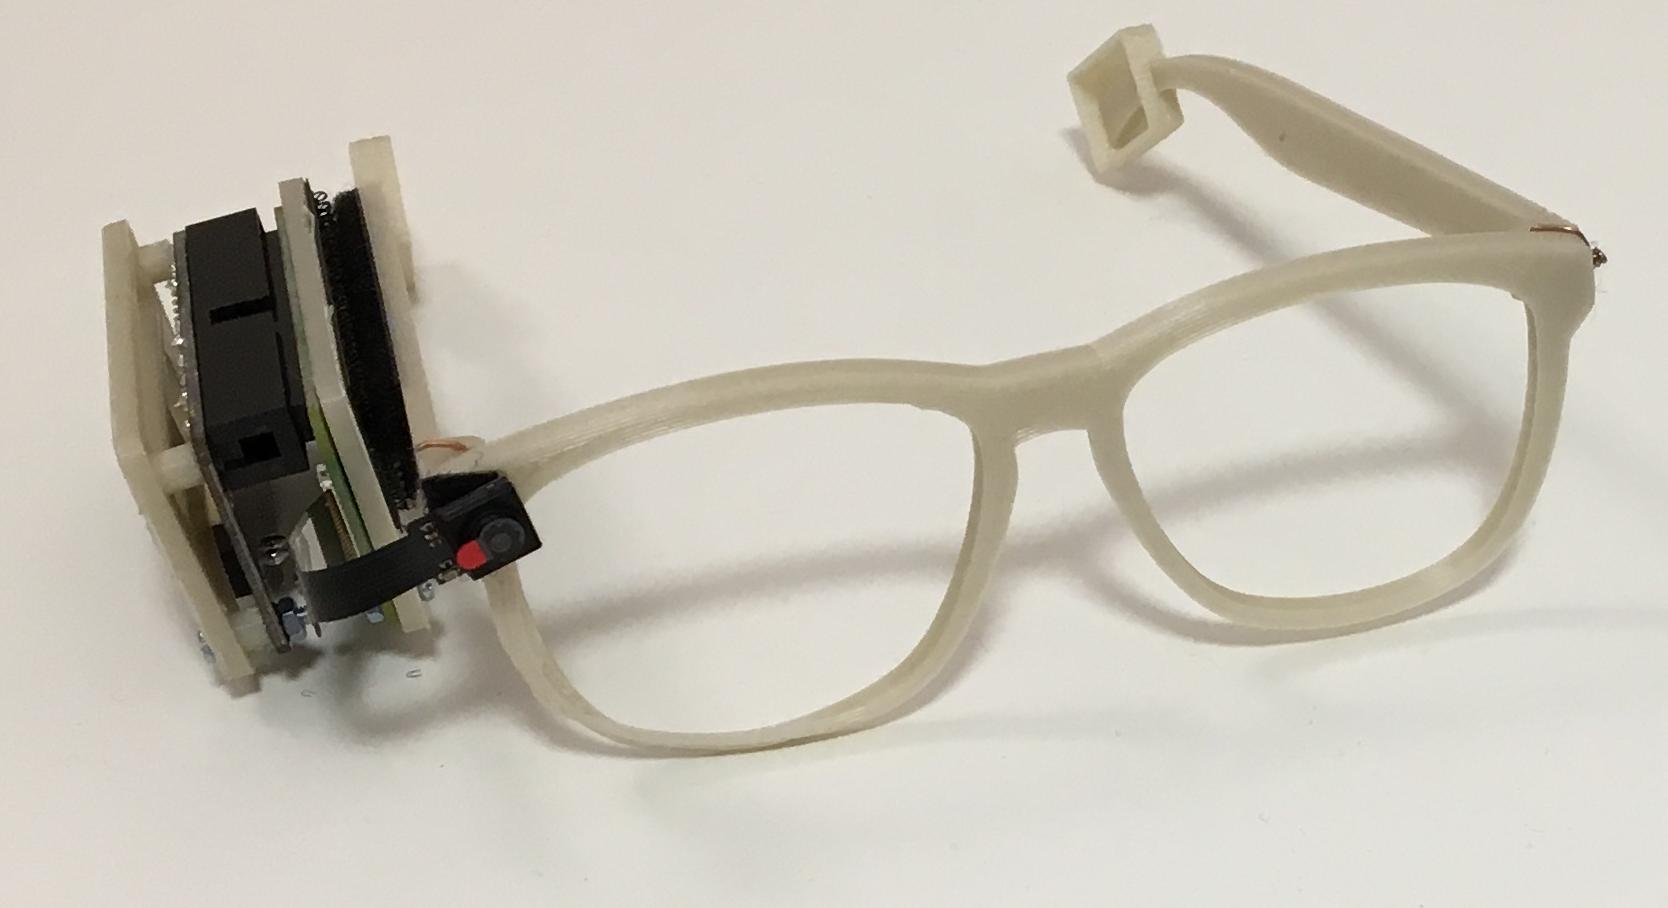 IDEM: brilleramme med mikro-computer og kamera